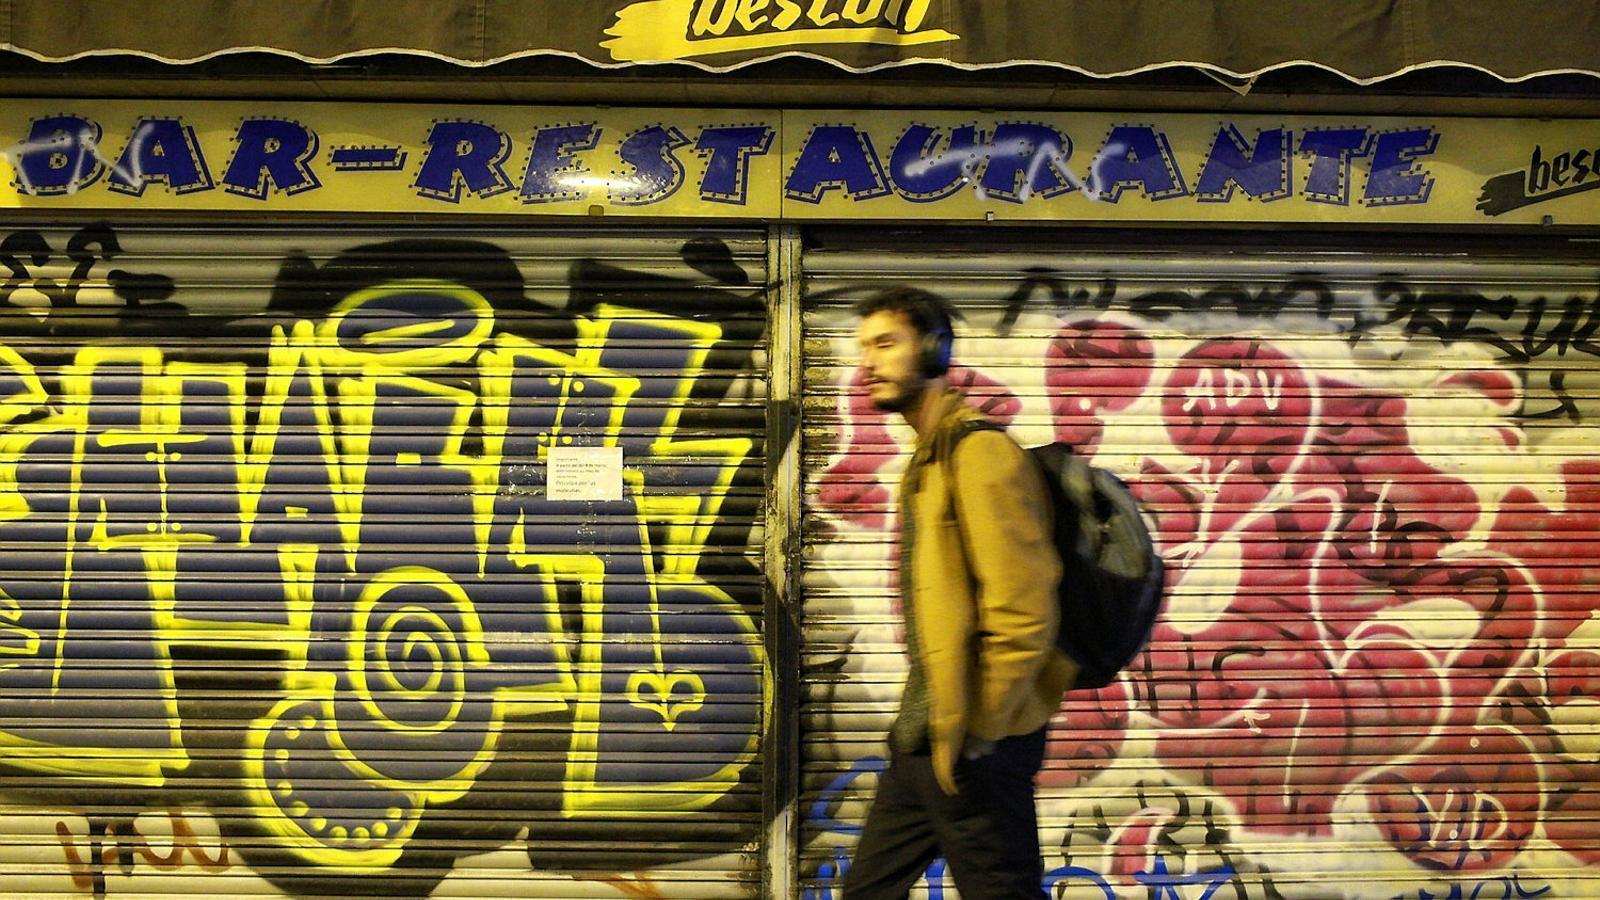 01. Un dels establiments del Fort Pienc de Barcelona amb el cartell de tancat. 02. Un detall d'un cartell en un restaurant.